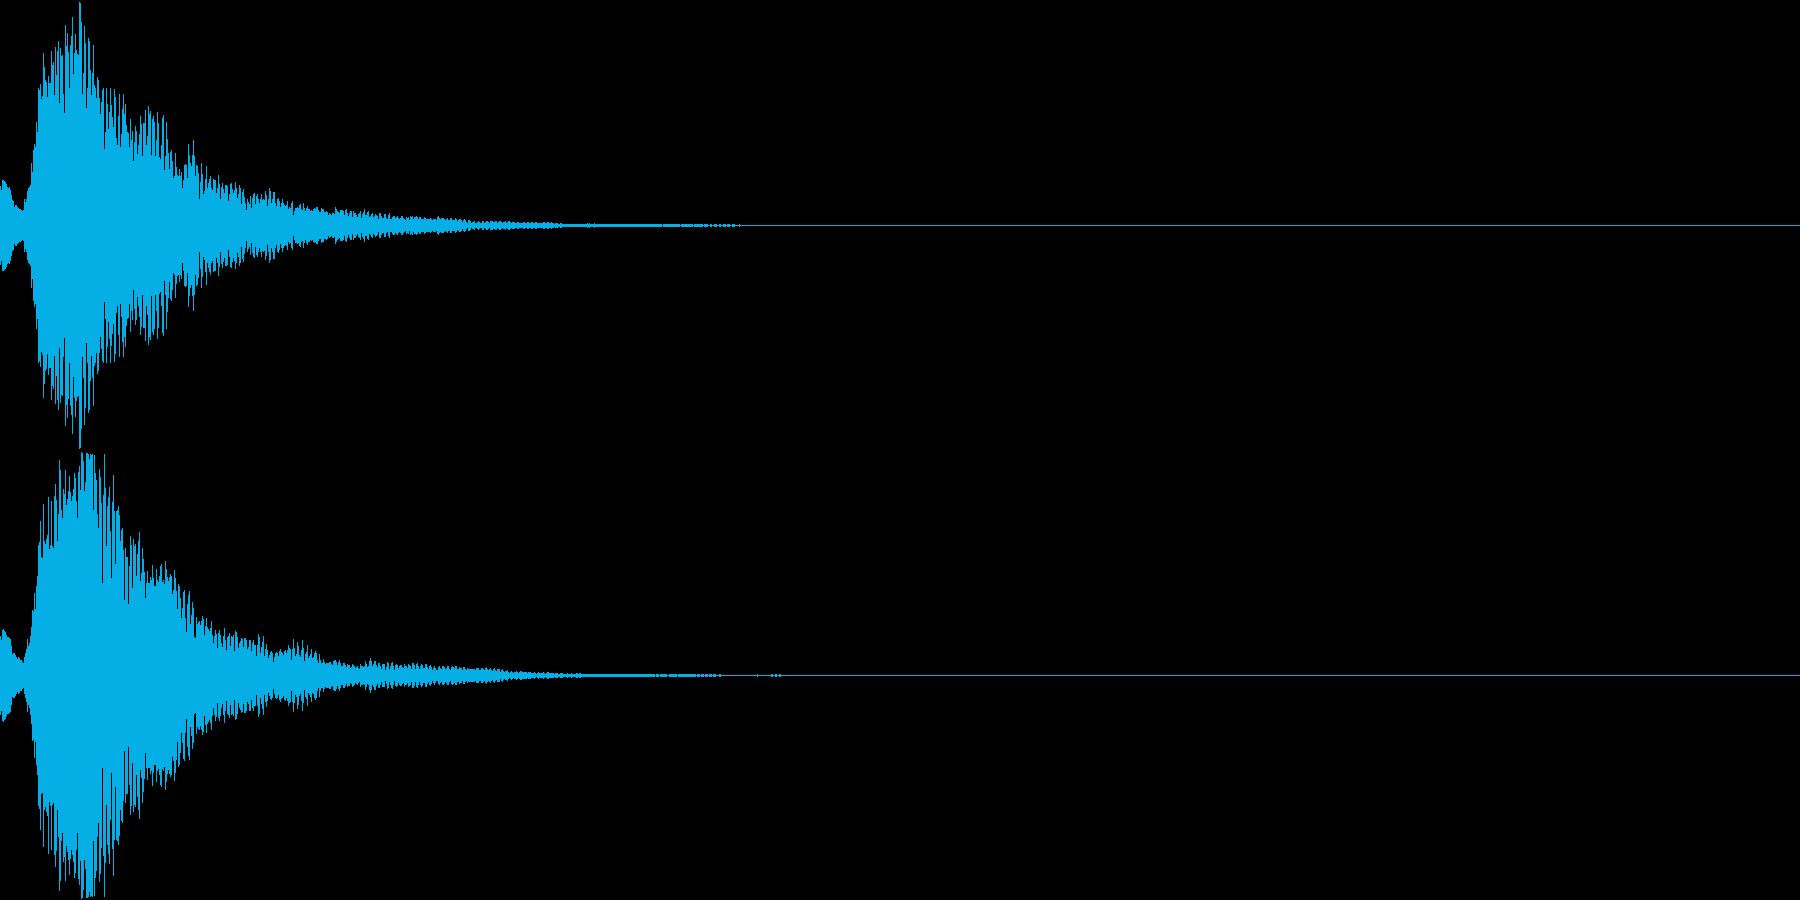 刀 キーン 剣 リアル インパクト Mの再生済みの波形